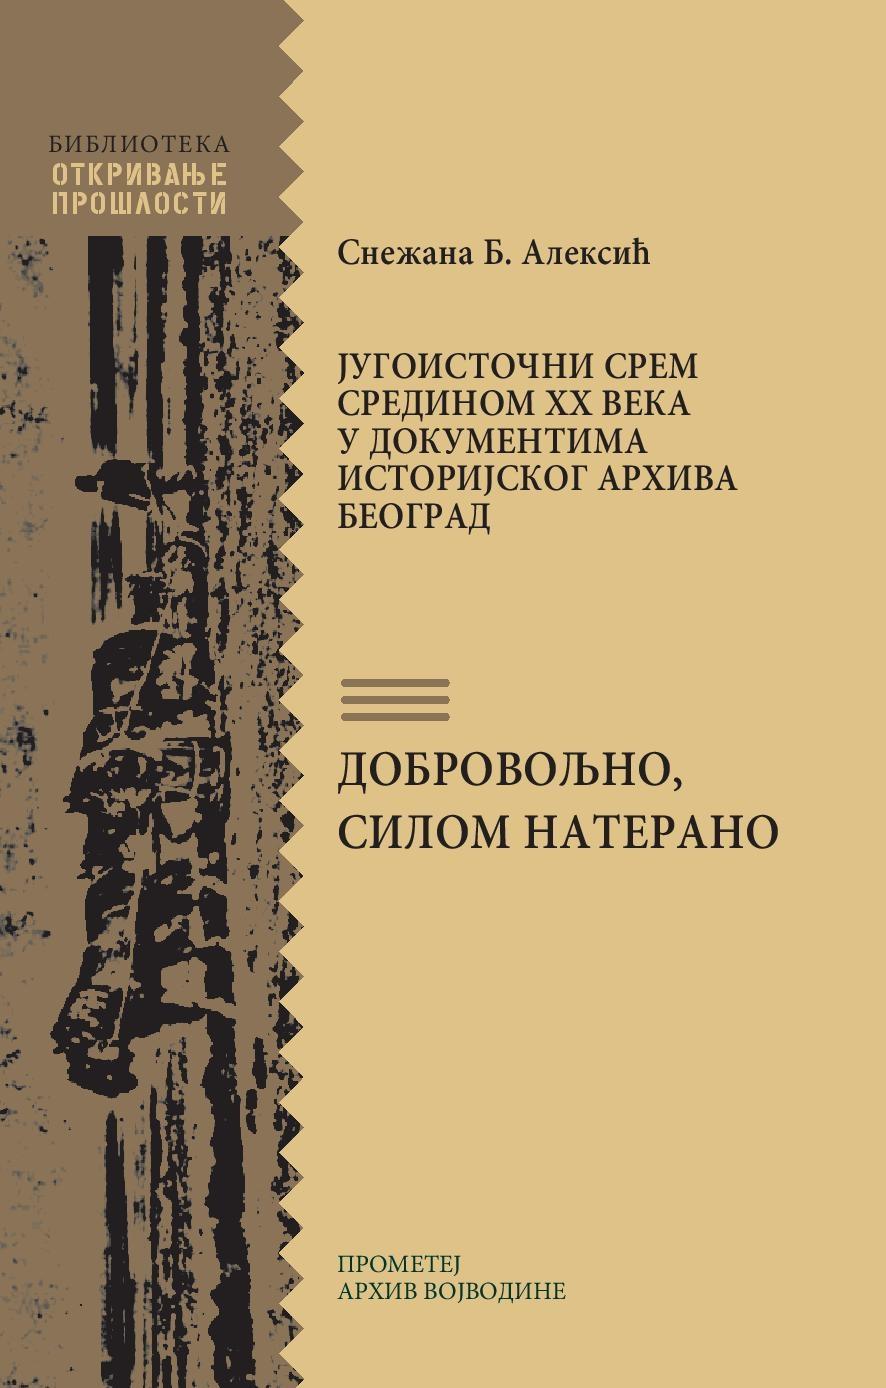 Dobrovoljno, silom naterano – jugoistočni Srem sredinom XX veka u dokumentima Istorijskog arhiva Beograda